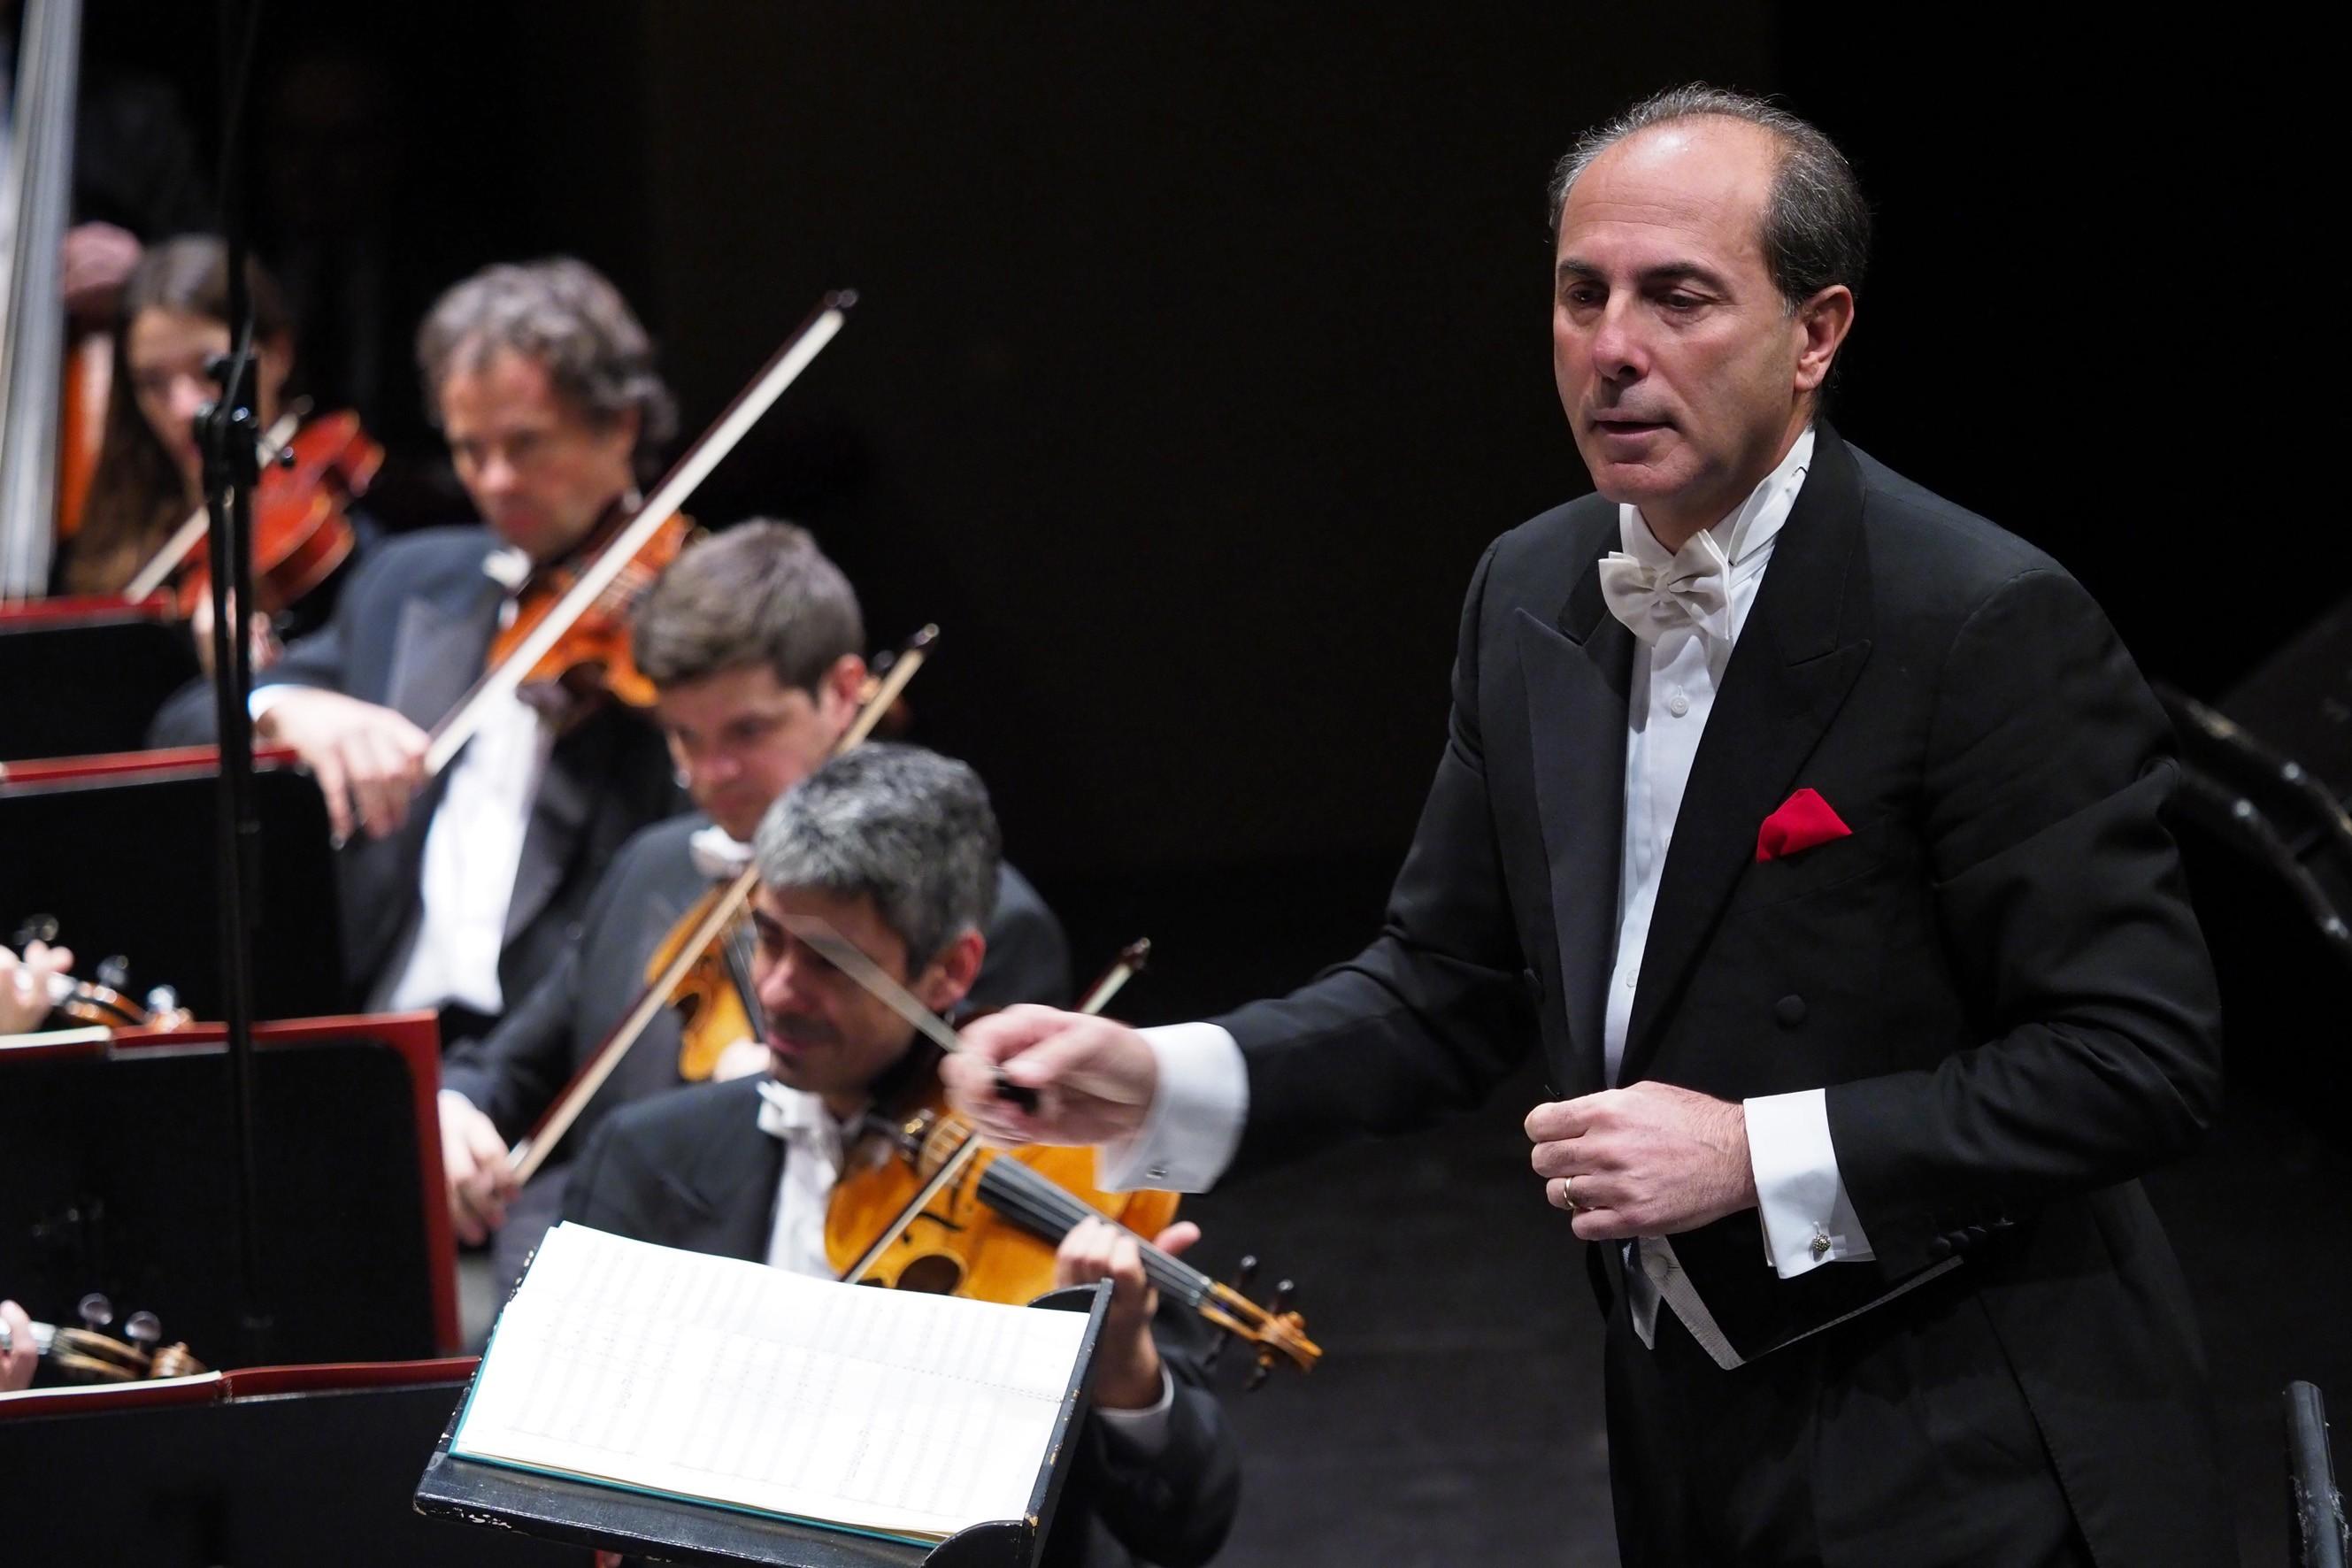 El Festival Verdi presenta su 21º edición, 'Scientille d'opera'